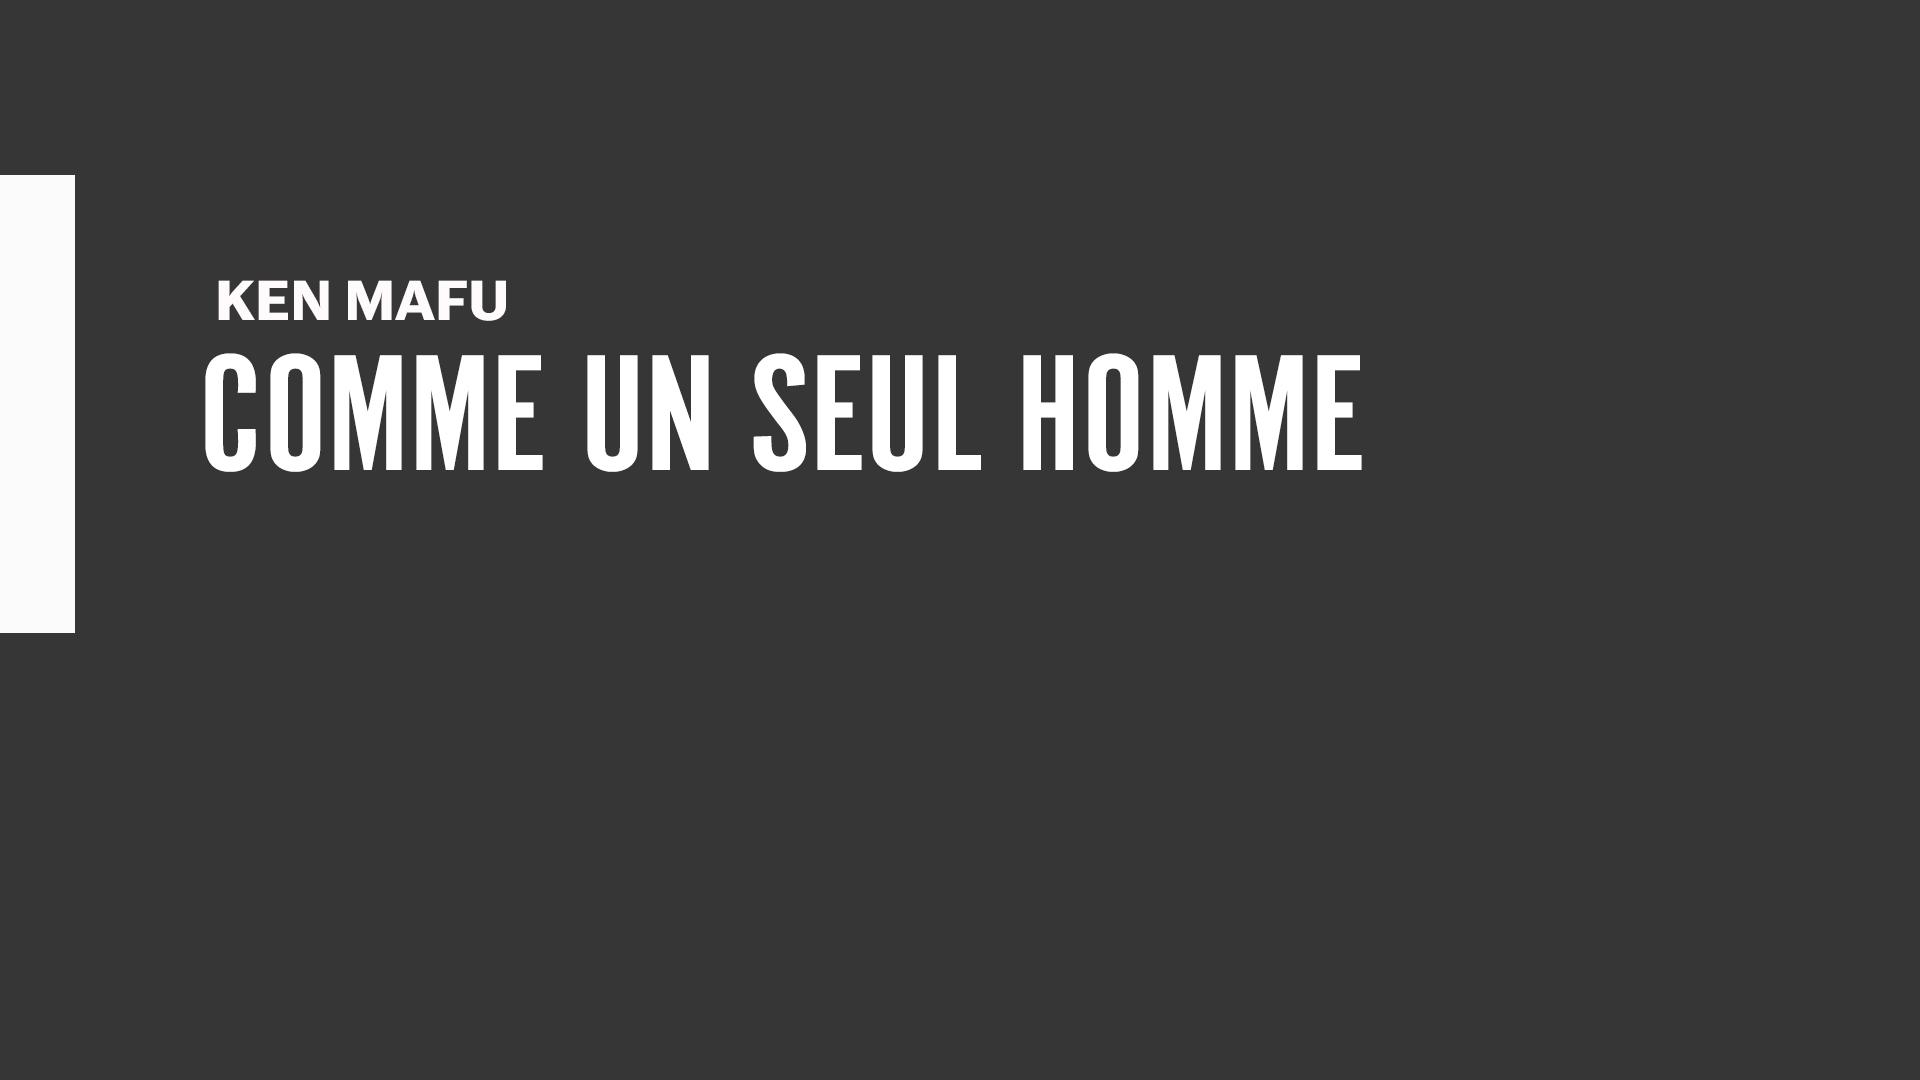 17.Thumbnail_LVC_Comme Un Seul Homme_V2.jpg